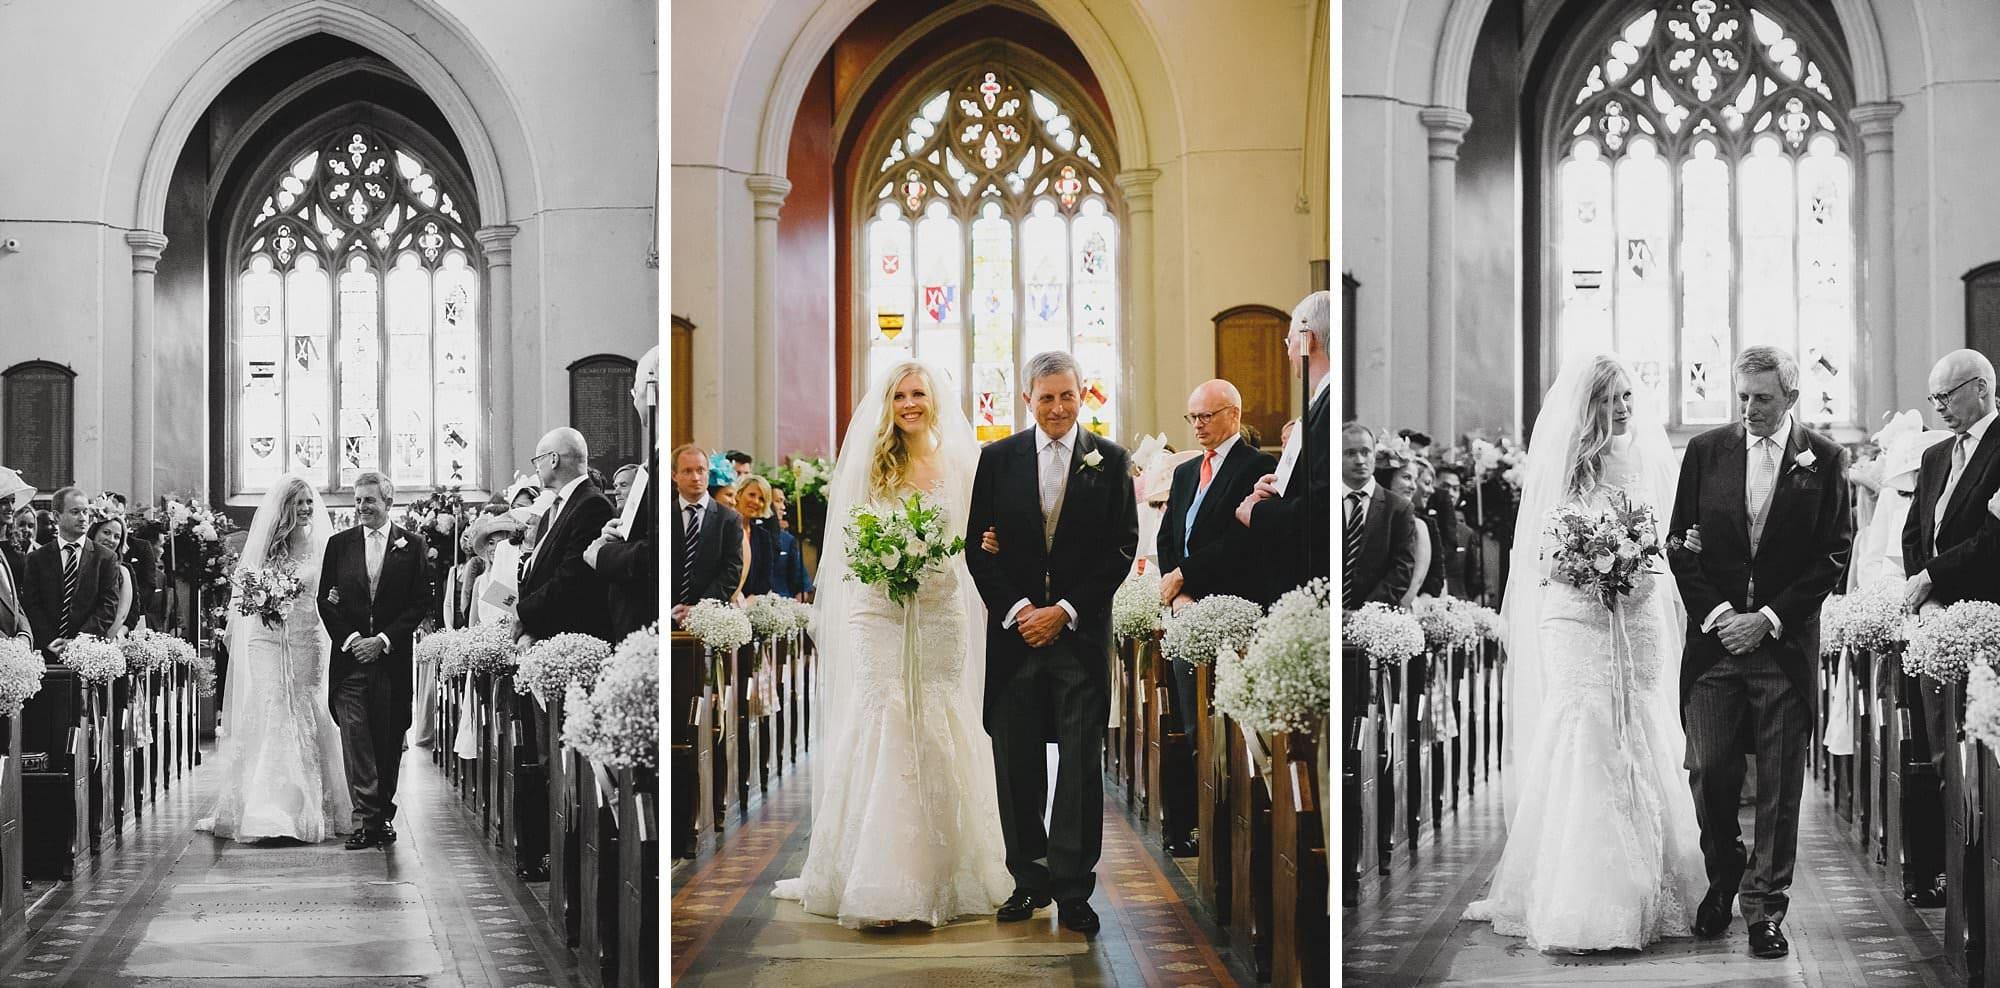 fulham palace wedding photographer 030 - Rosanna + Duncan | Fulham